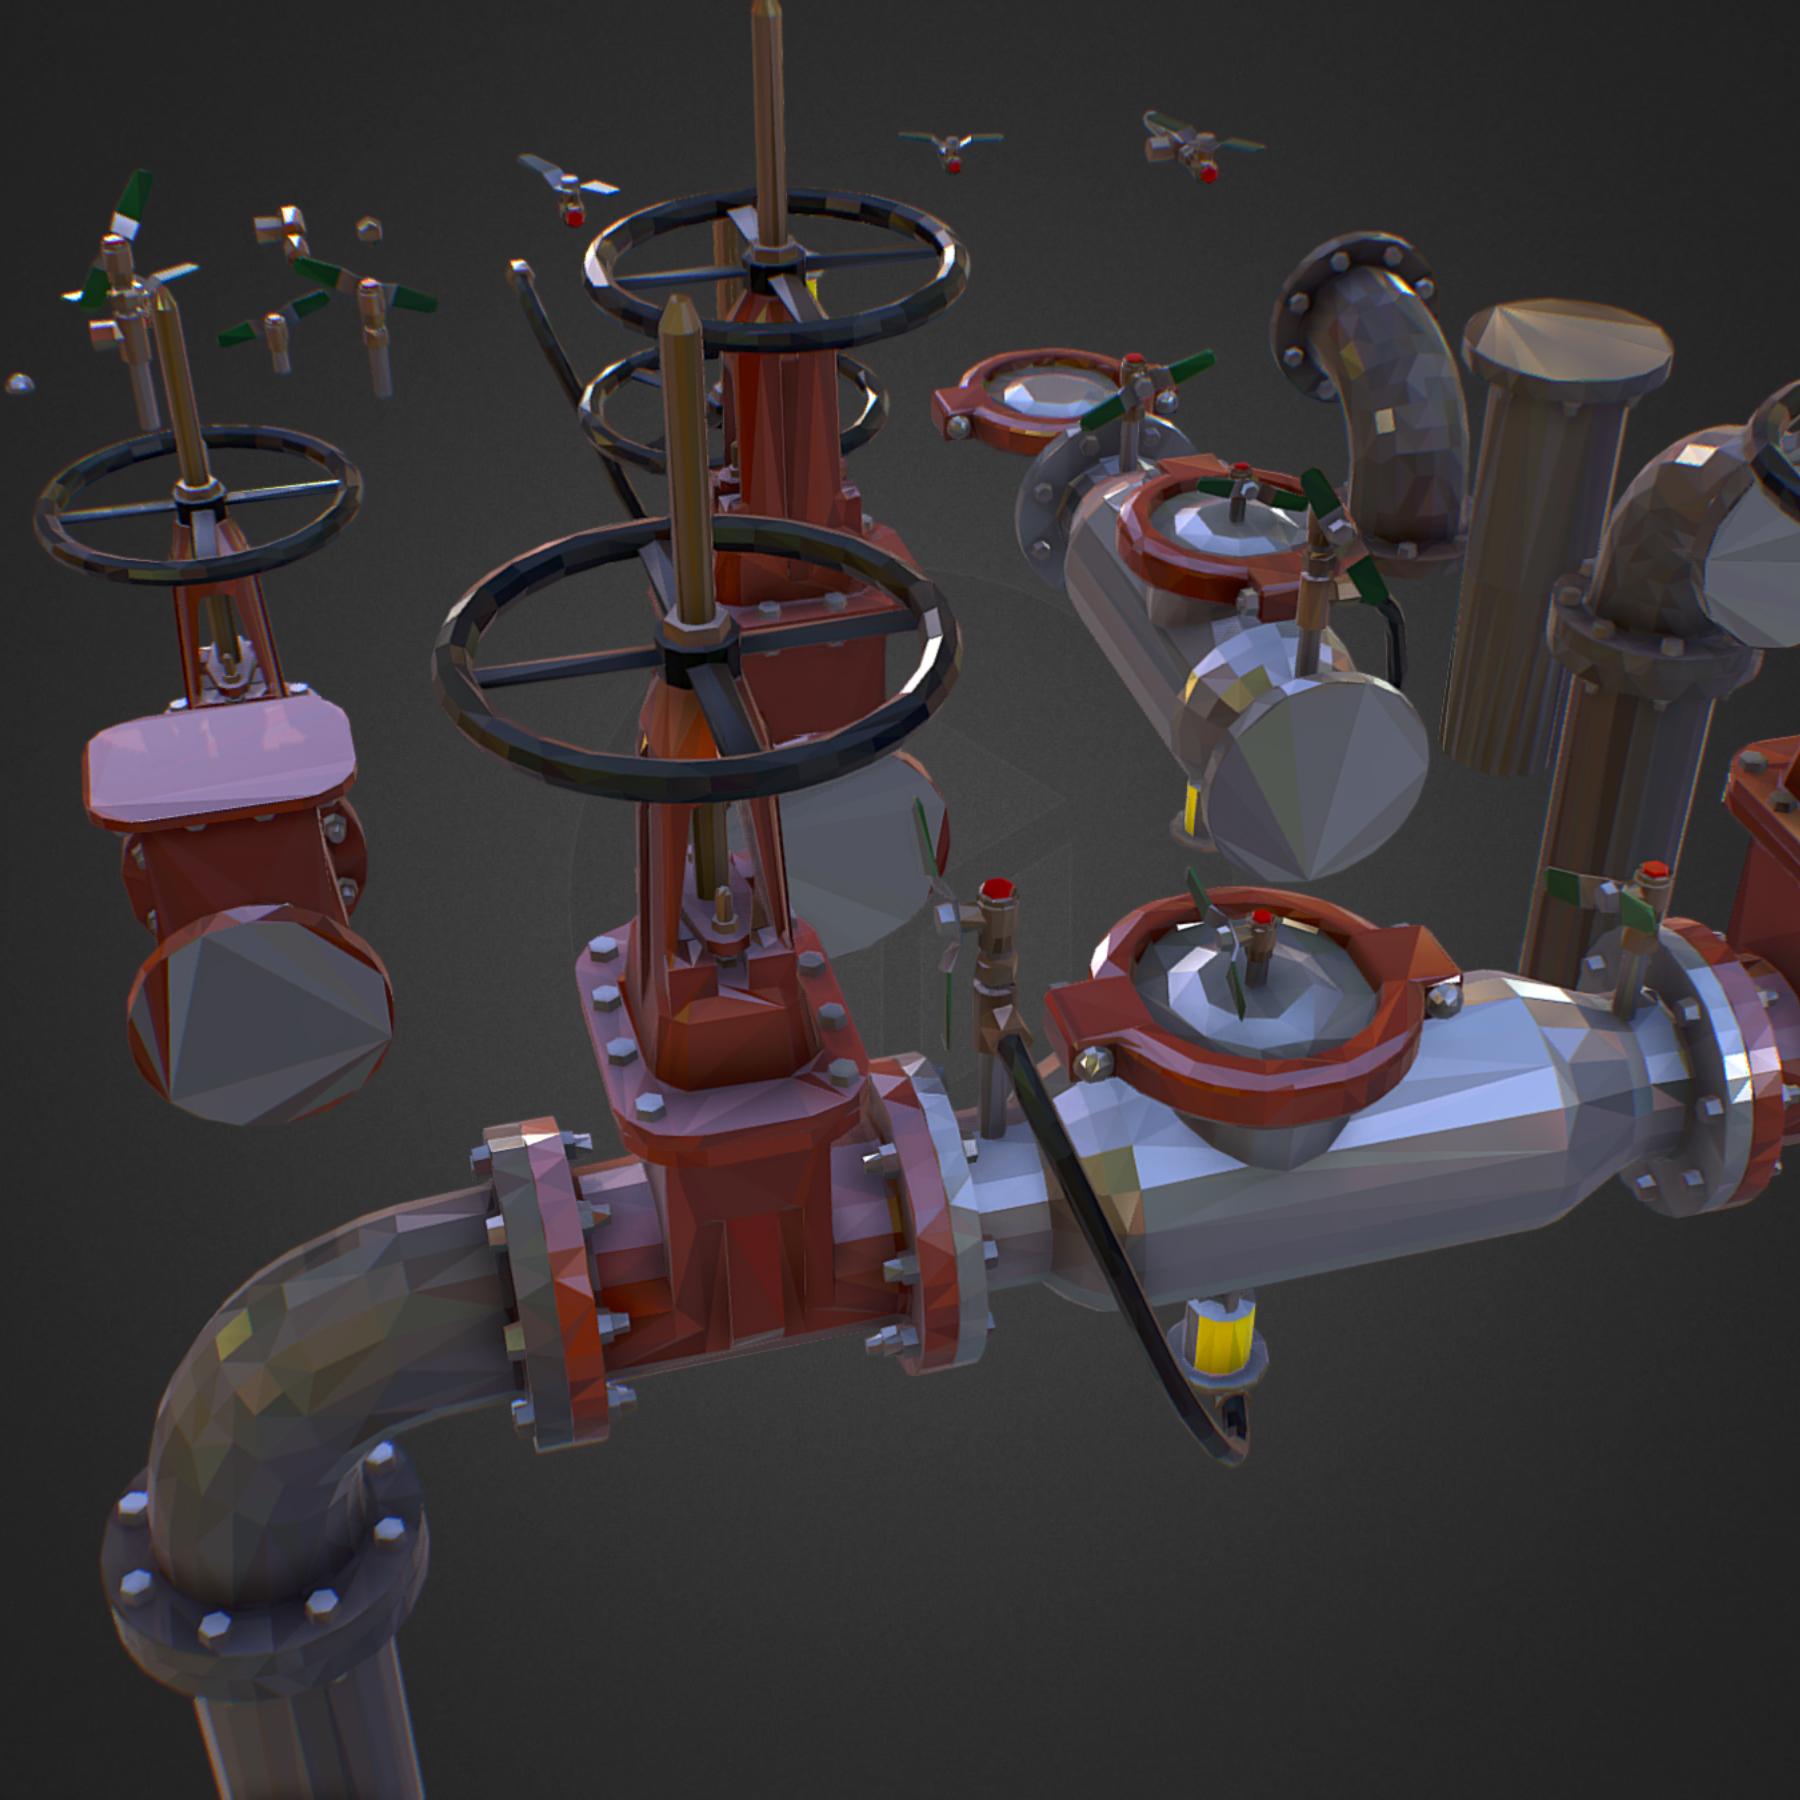 χαμηλός πολυεστιακός κατασκευαστής σωληνώσεων νερού επιστροφής ροής 3d max fbx ma mb tga targa icb vda vst pix obj 272540